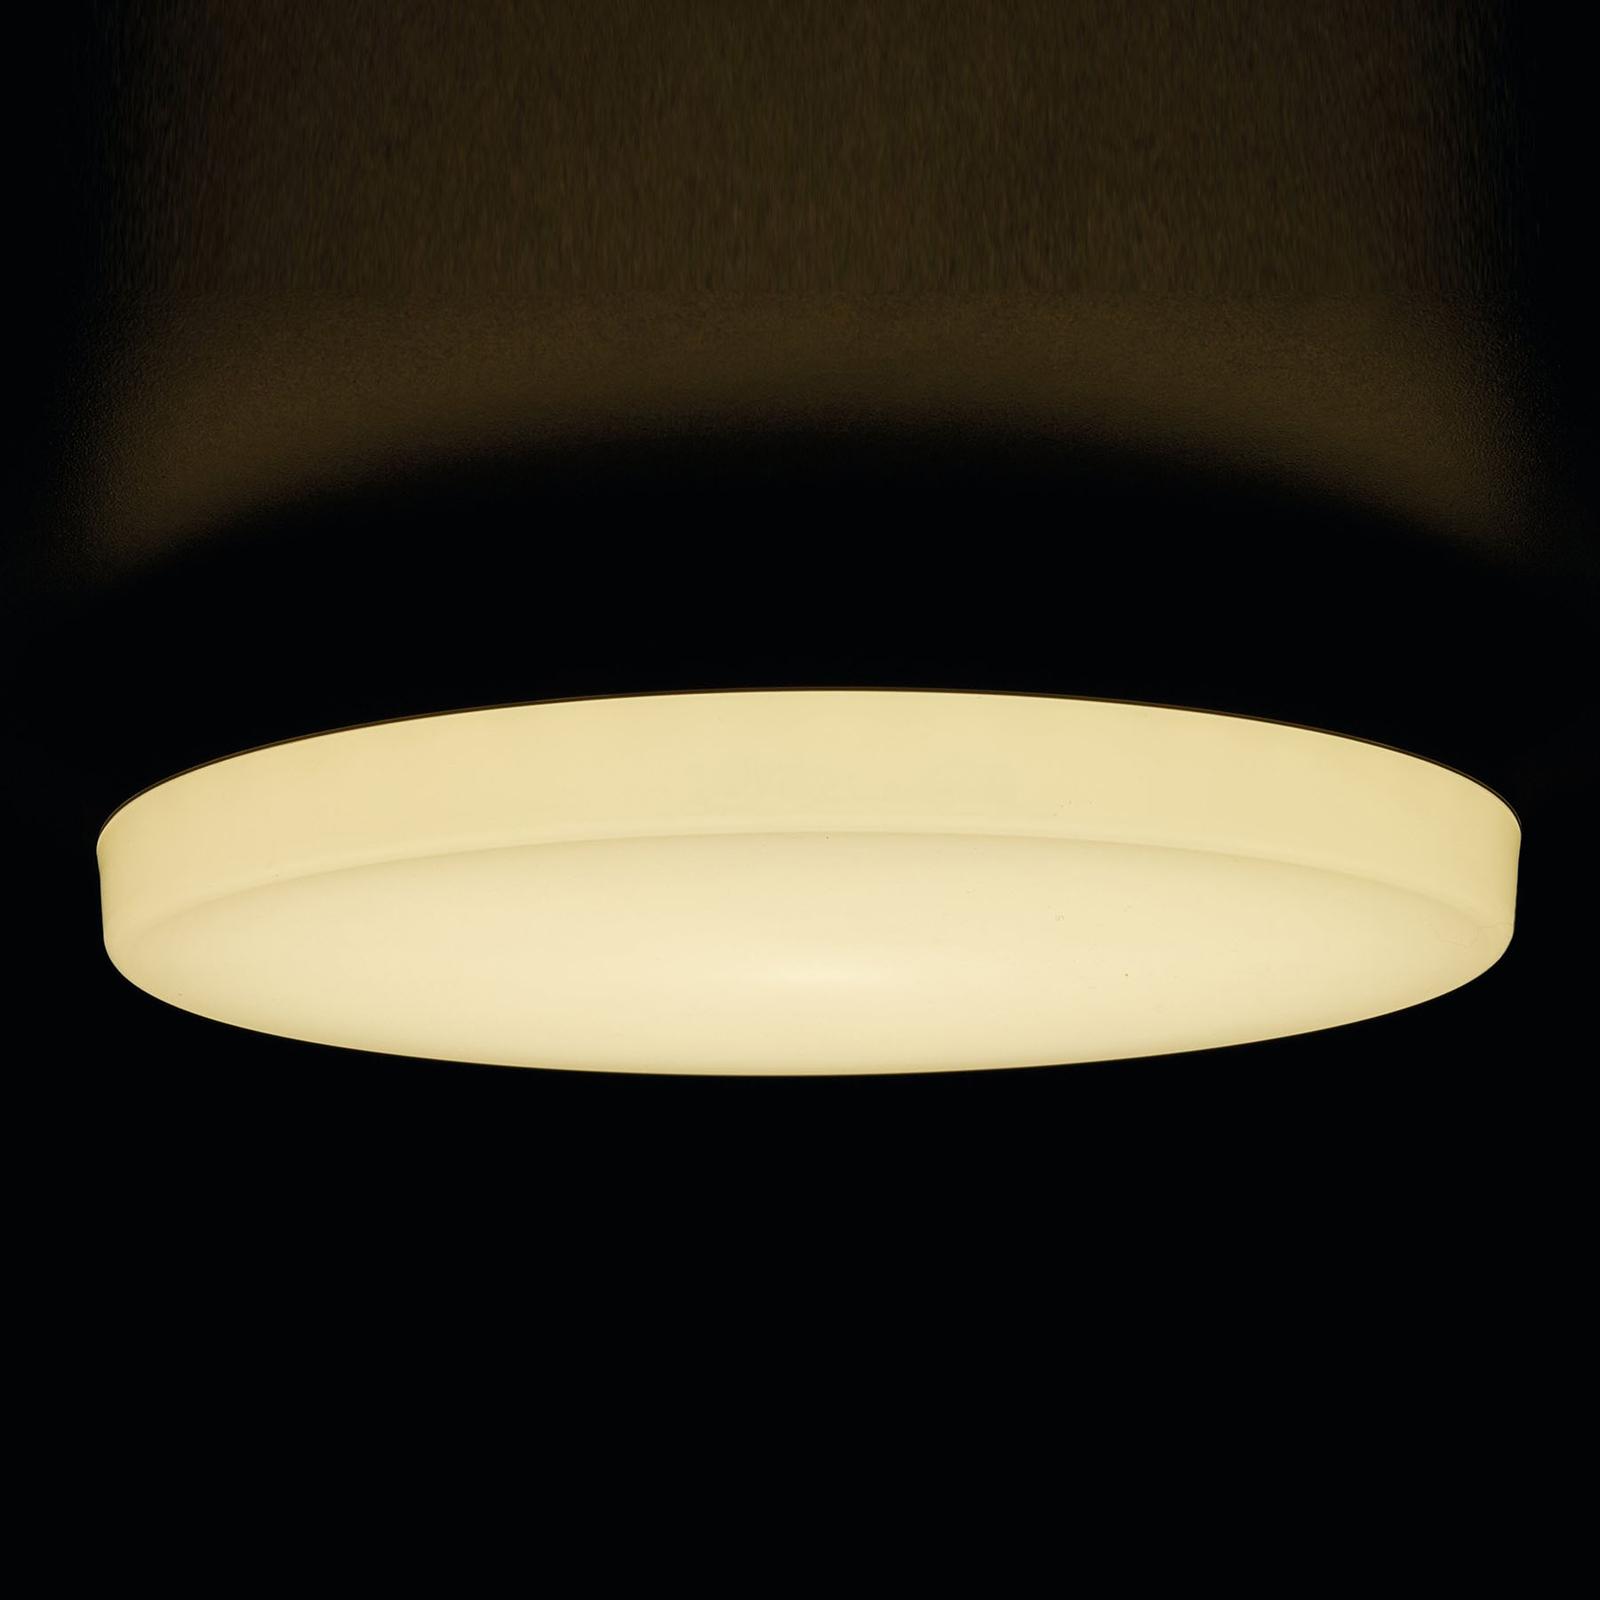 LED plafondlamp Pronto, Ø 28 cm